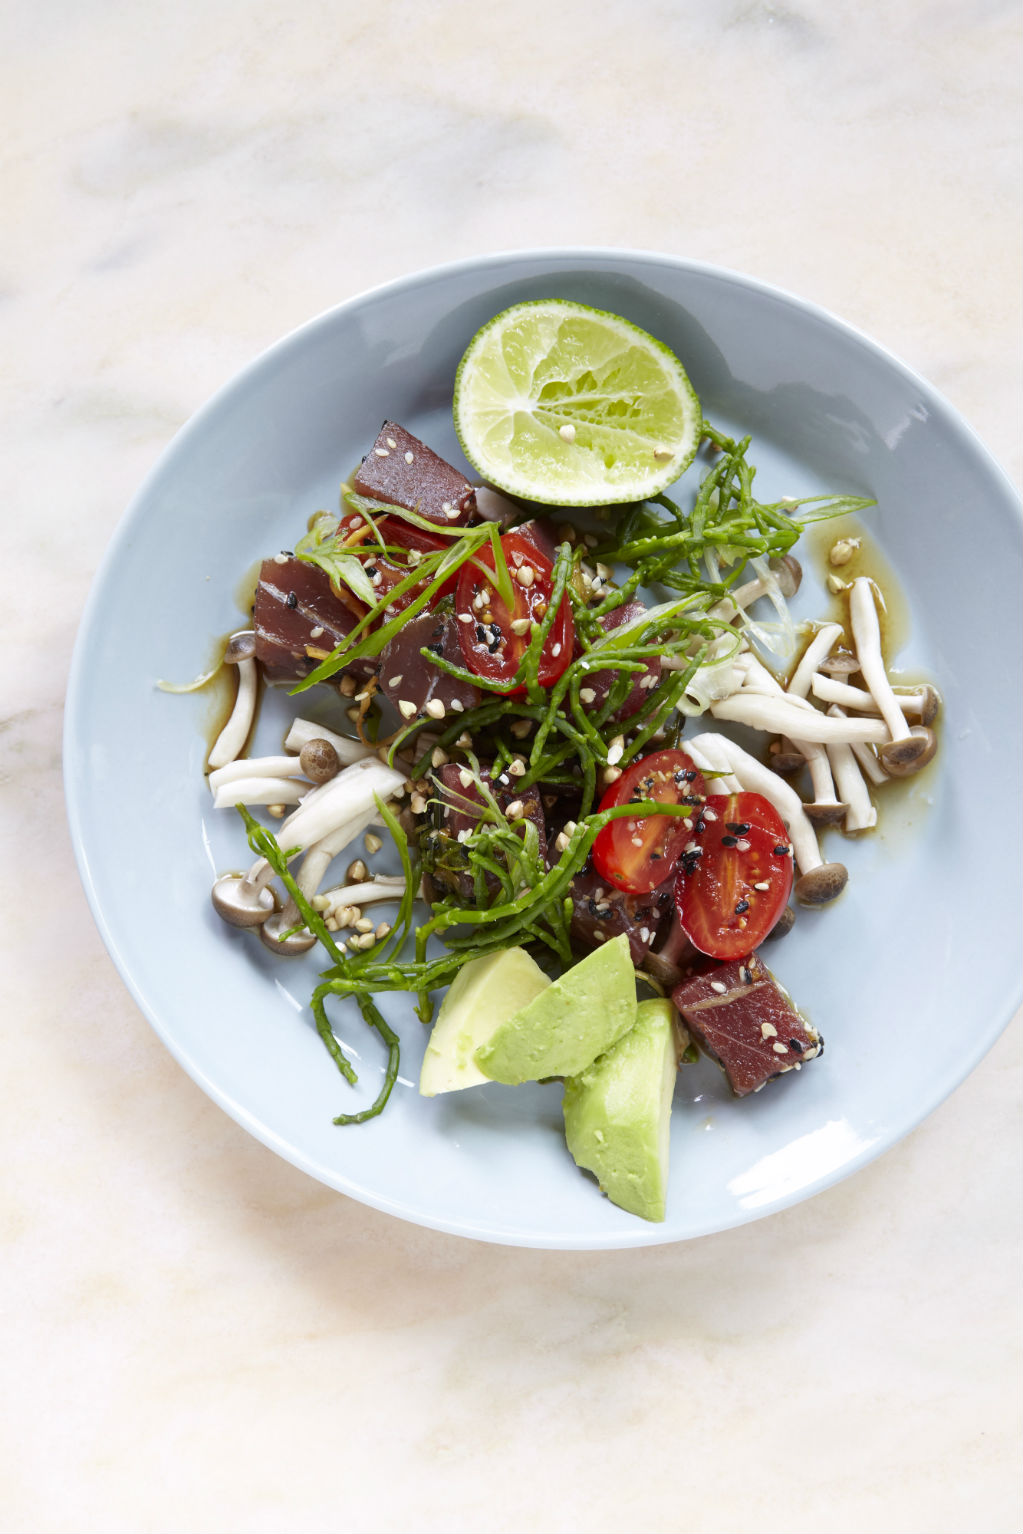 Raw tuna & avocado poke. Photo: Petrina Tinsley